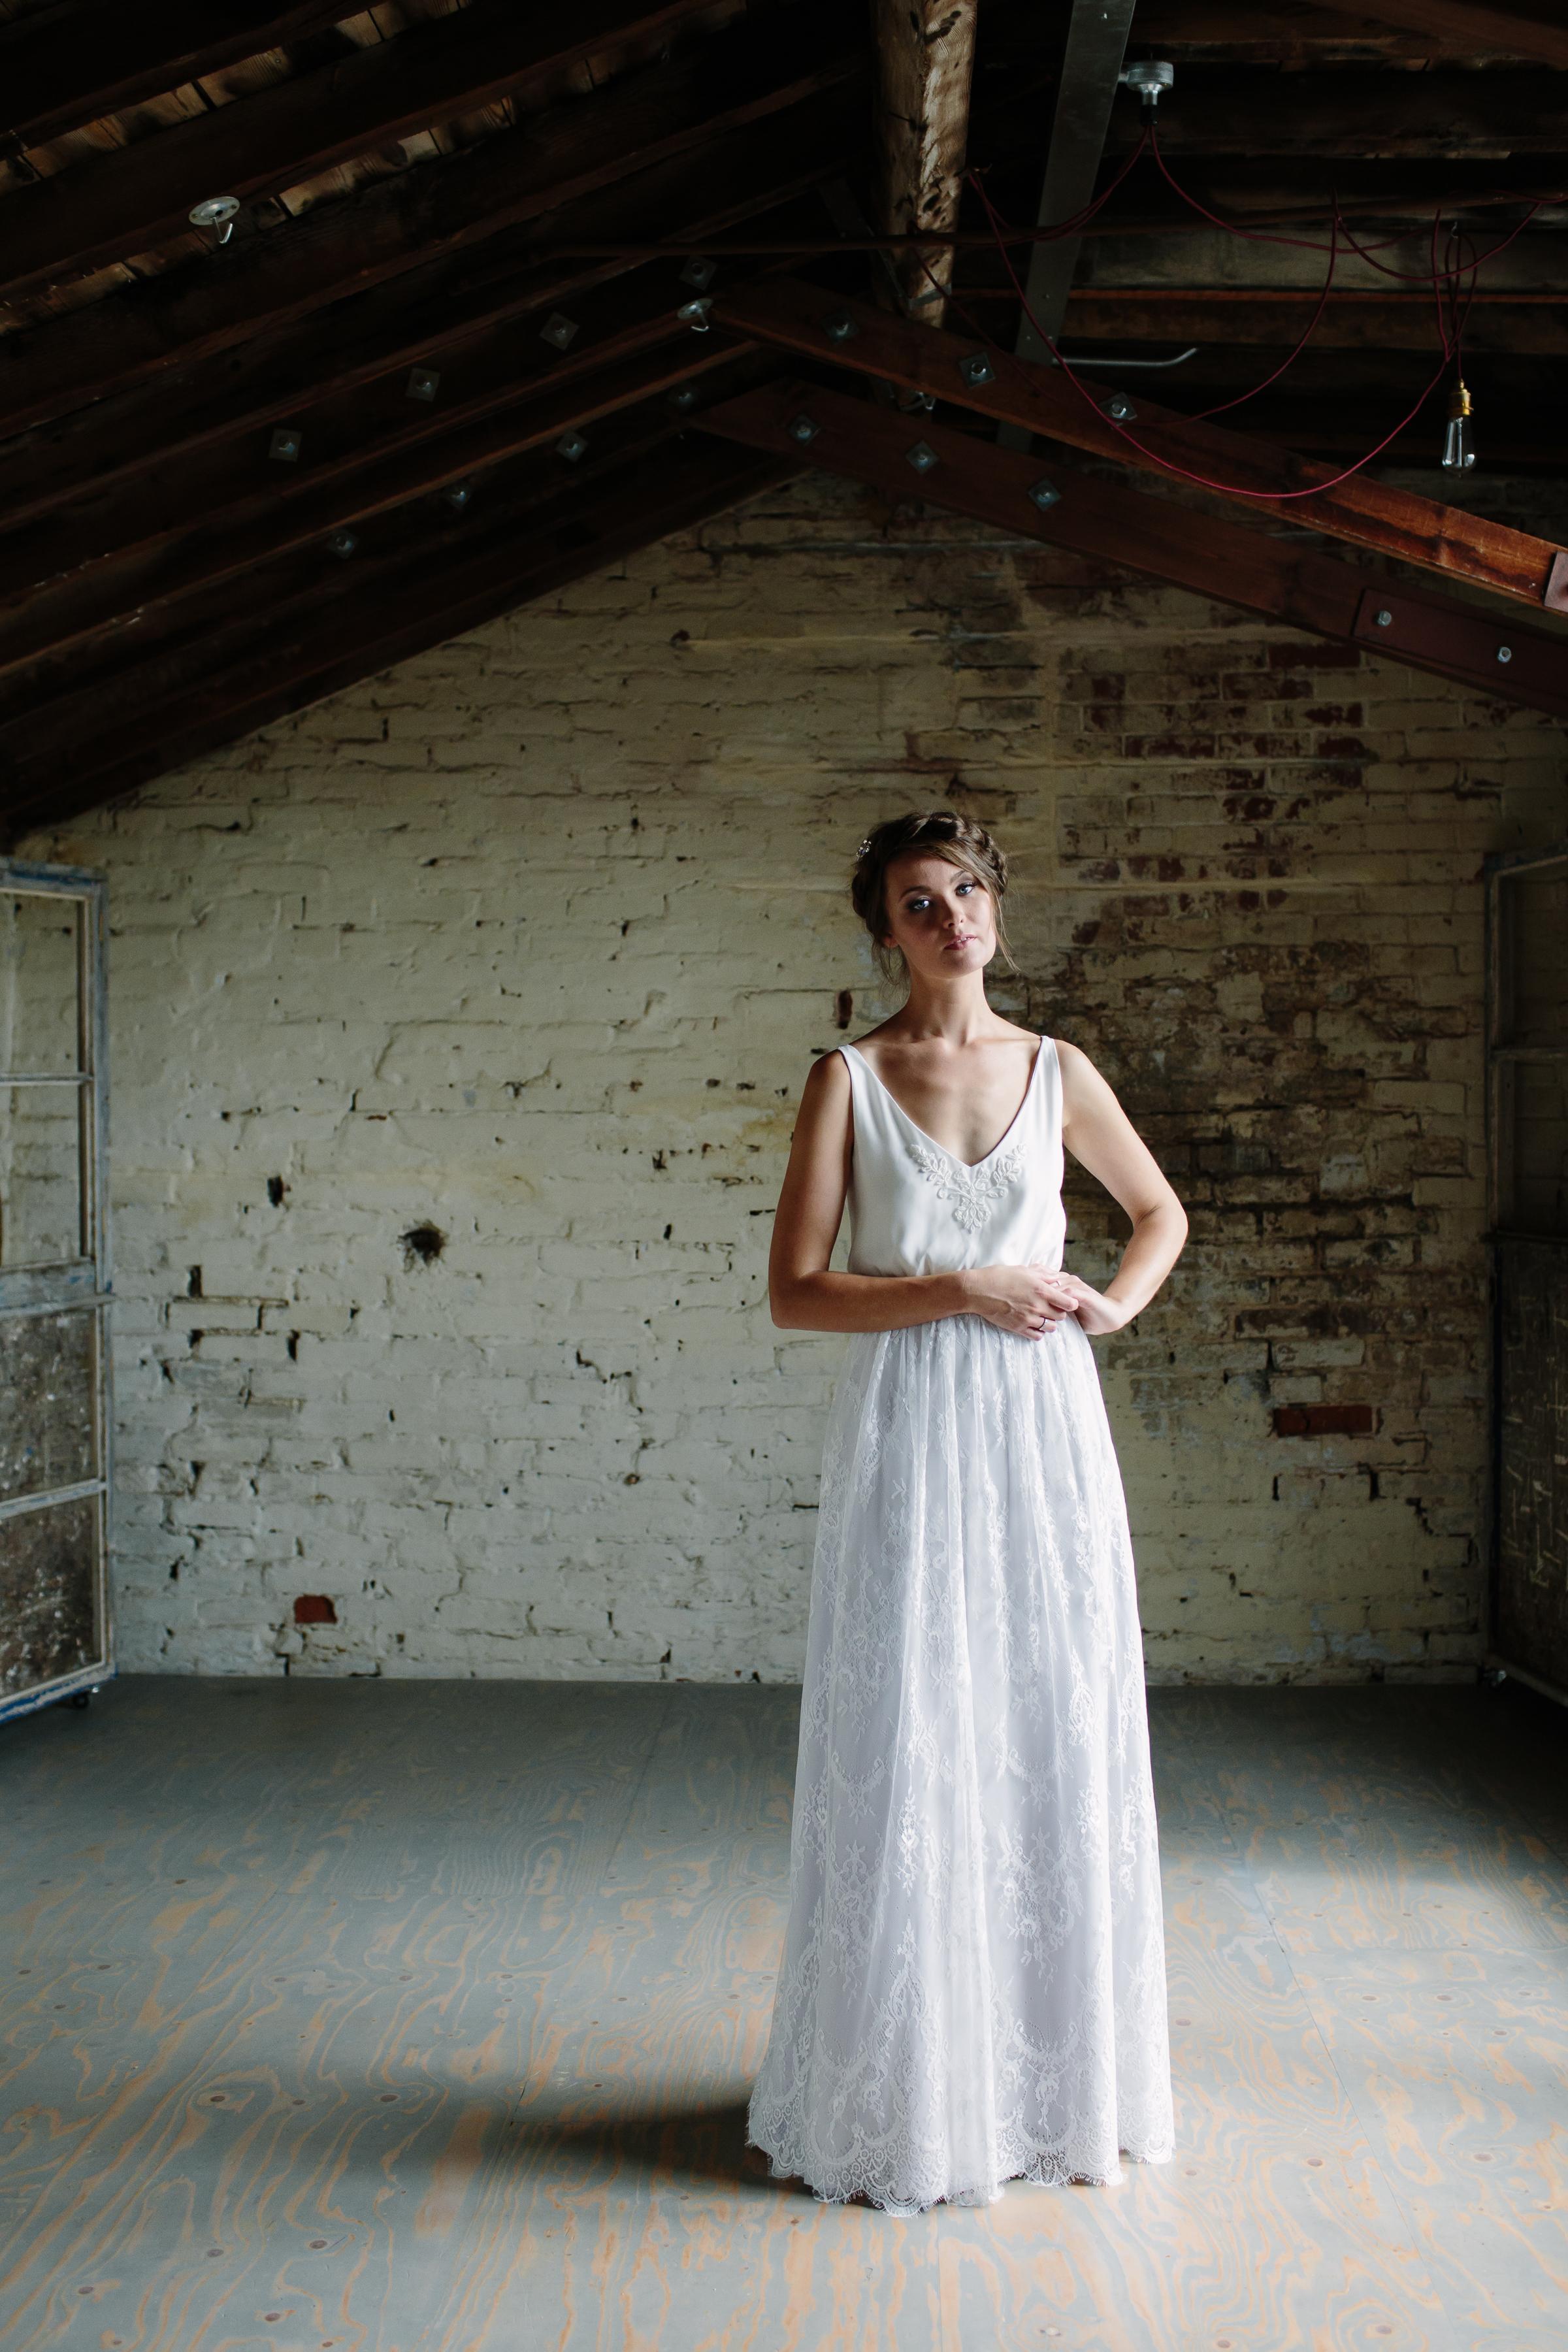 IRIS SKIRT | ELLA TOP